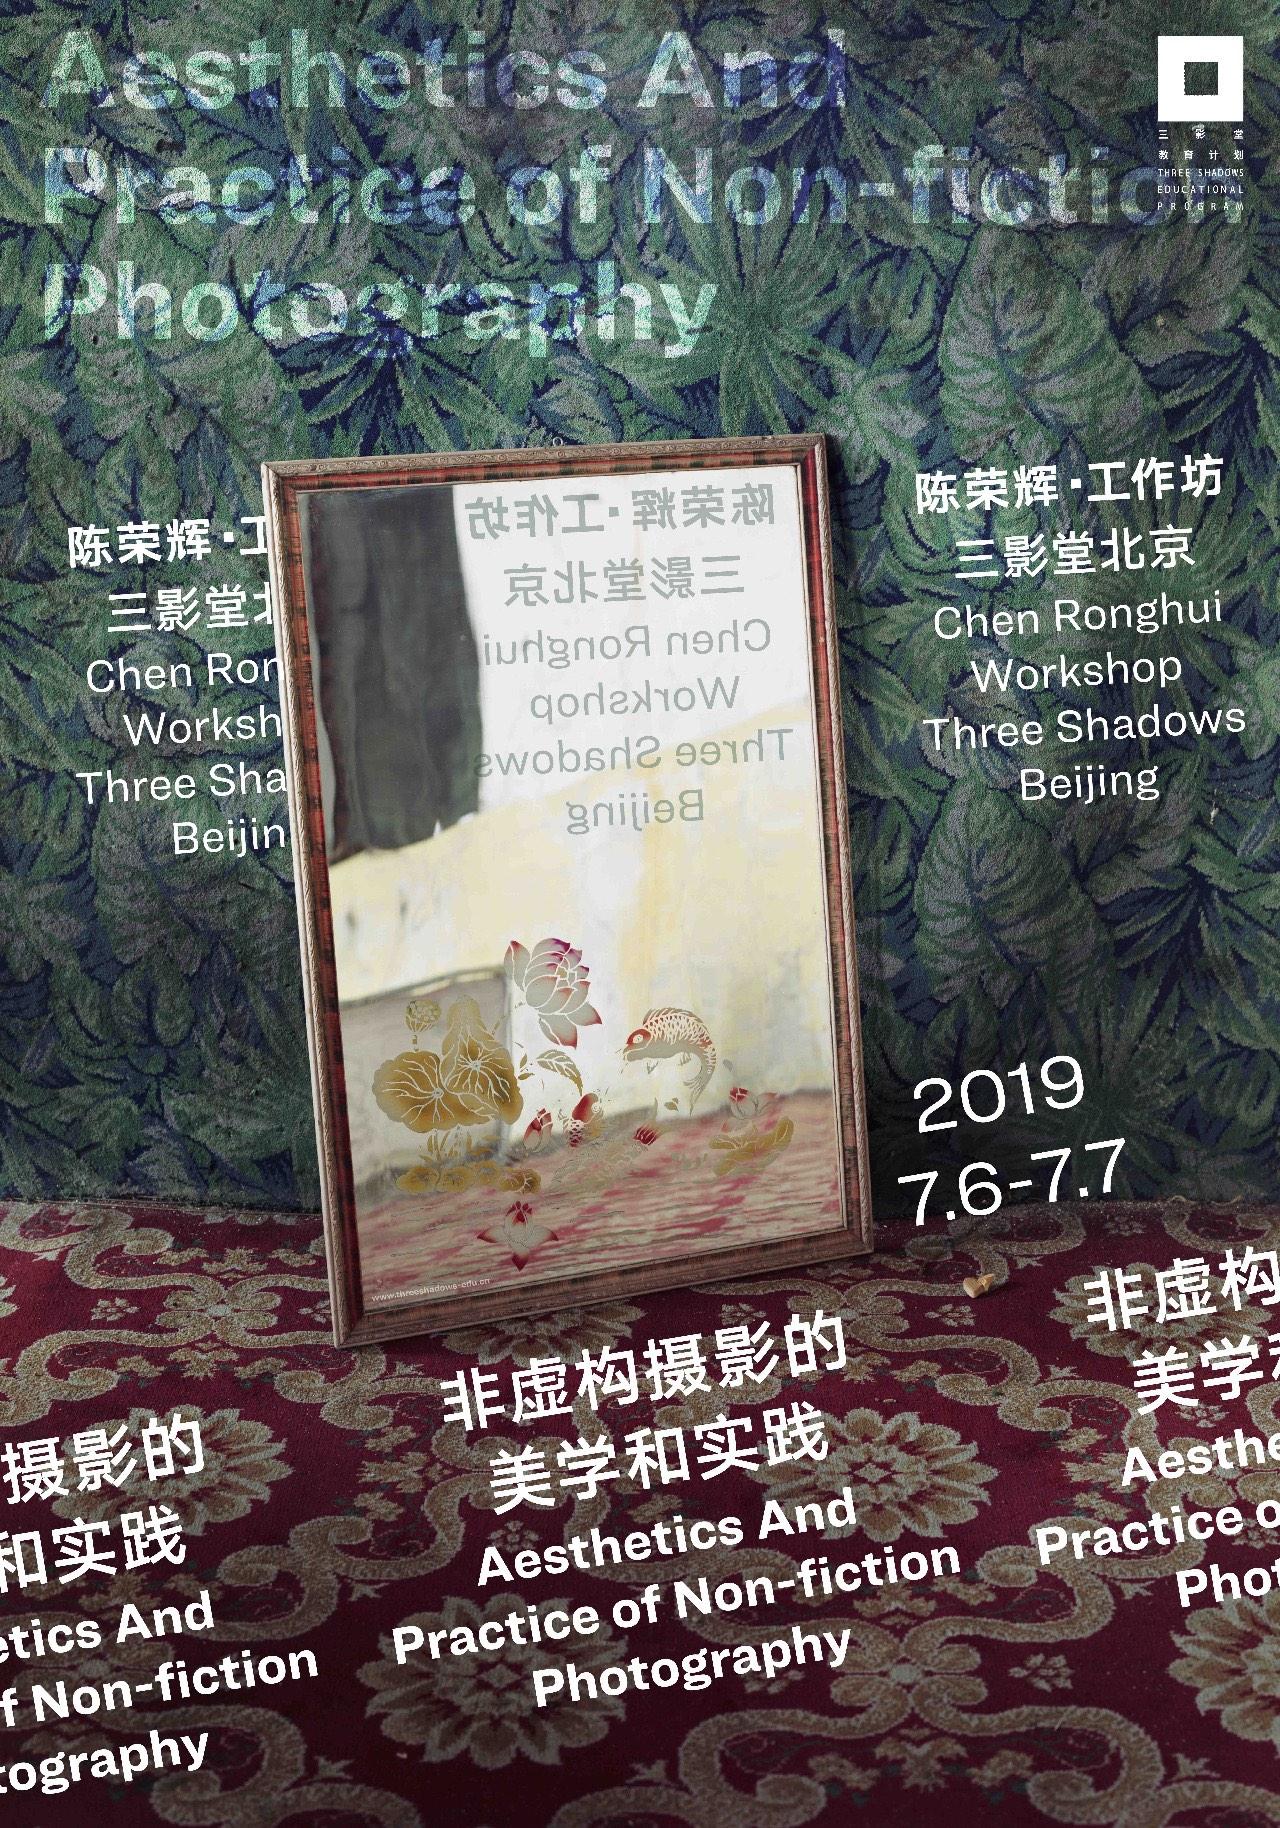 陈荣辉工作坊:非虚构摄影的美学和实践